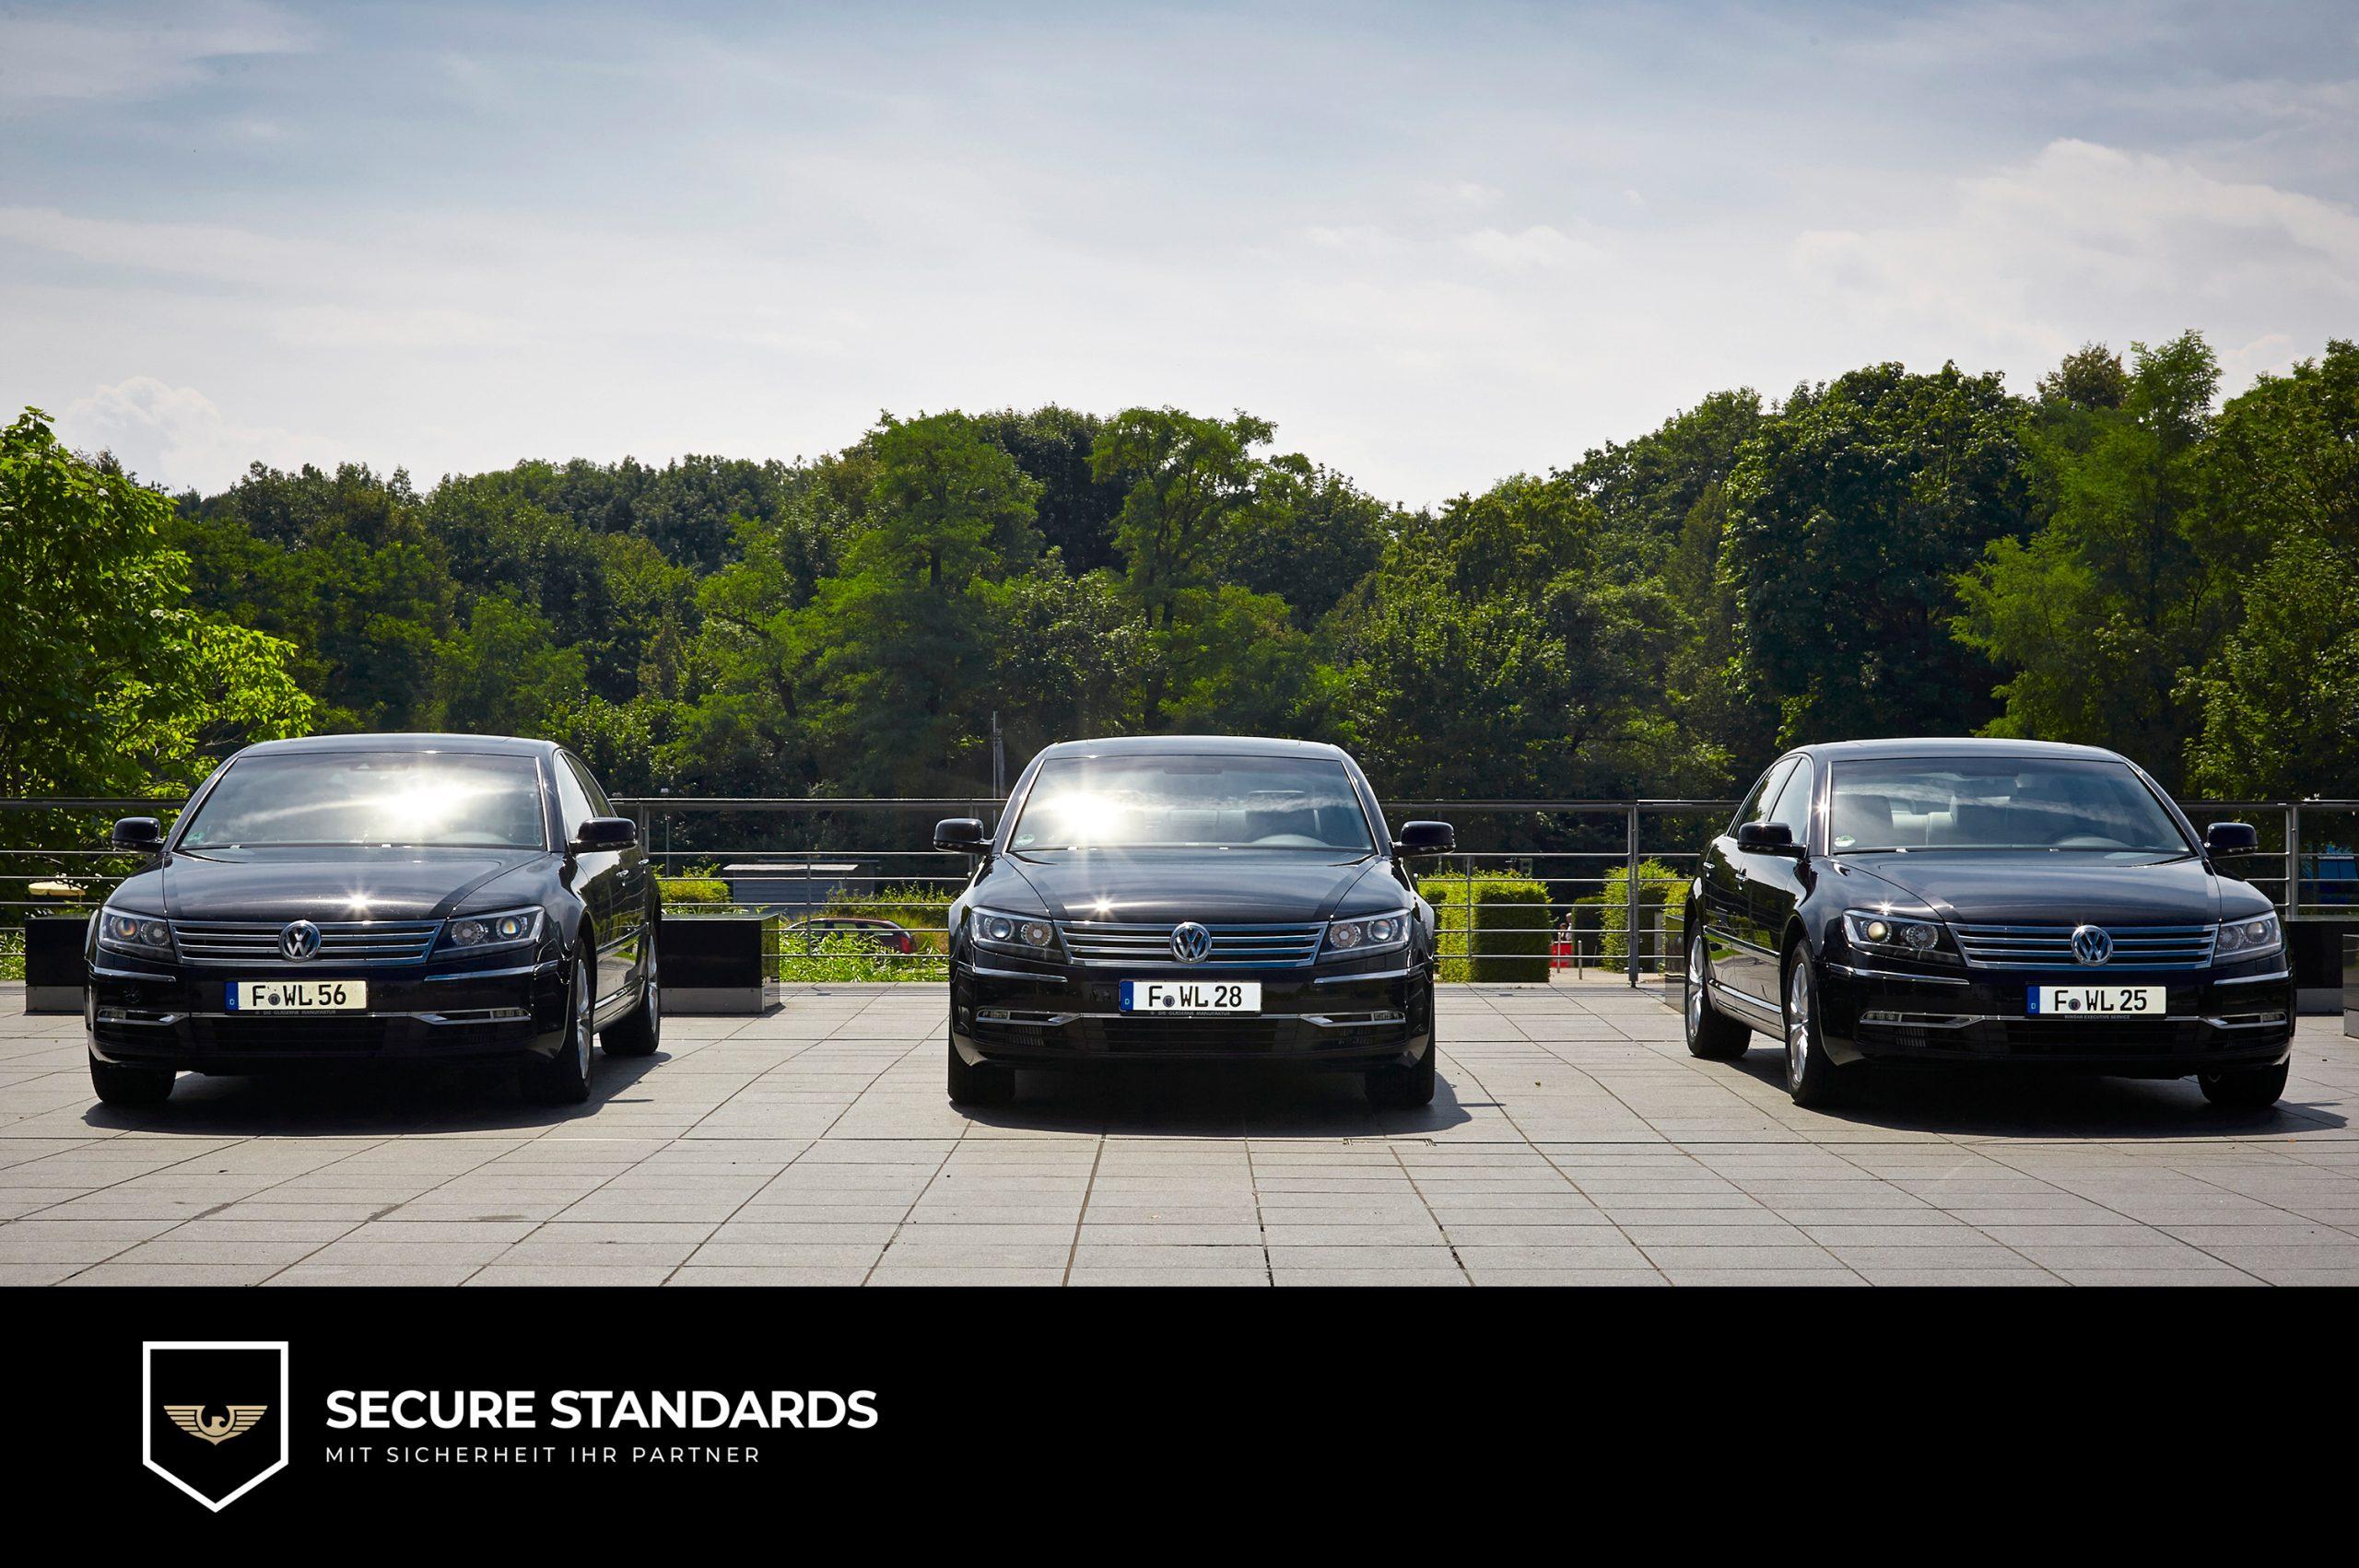 Limousinenservice Fuhrpark mit 3 Limousinen